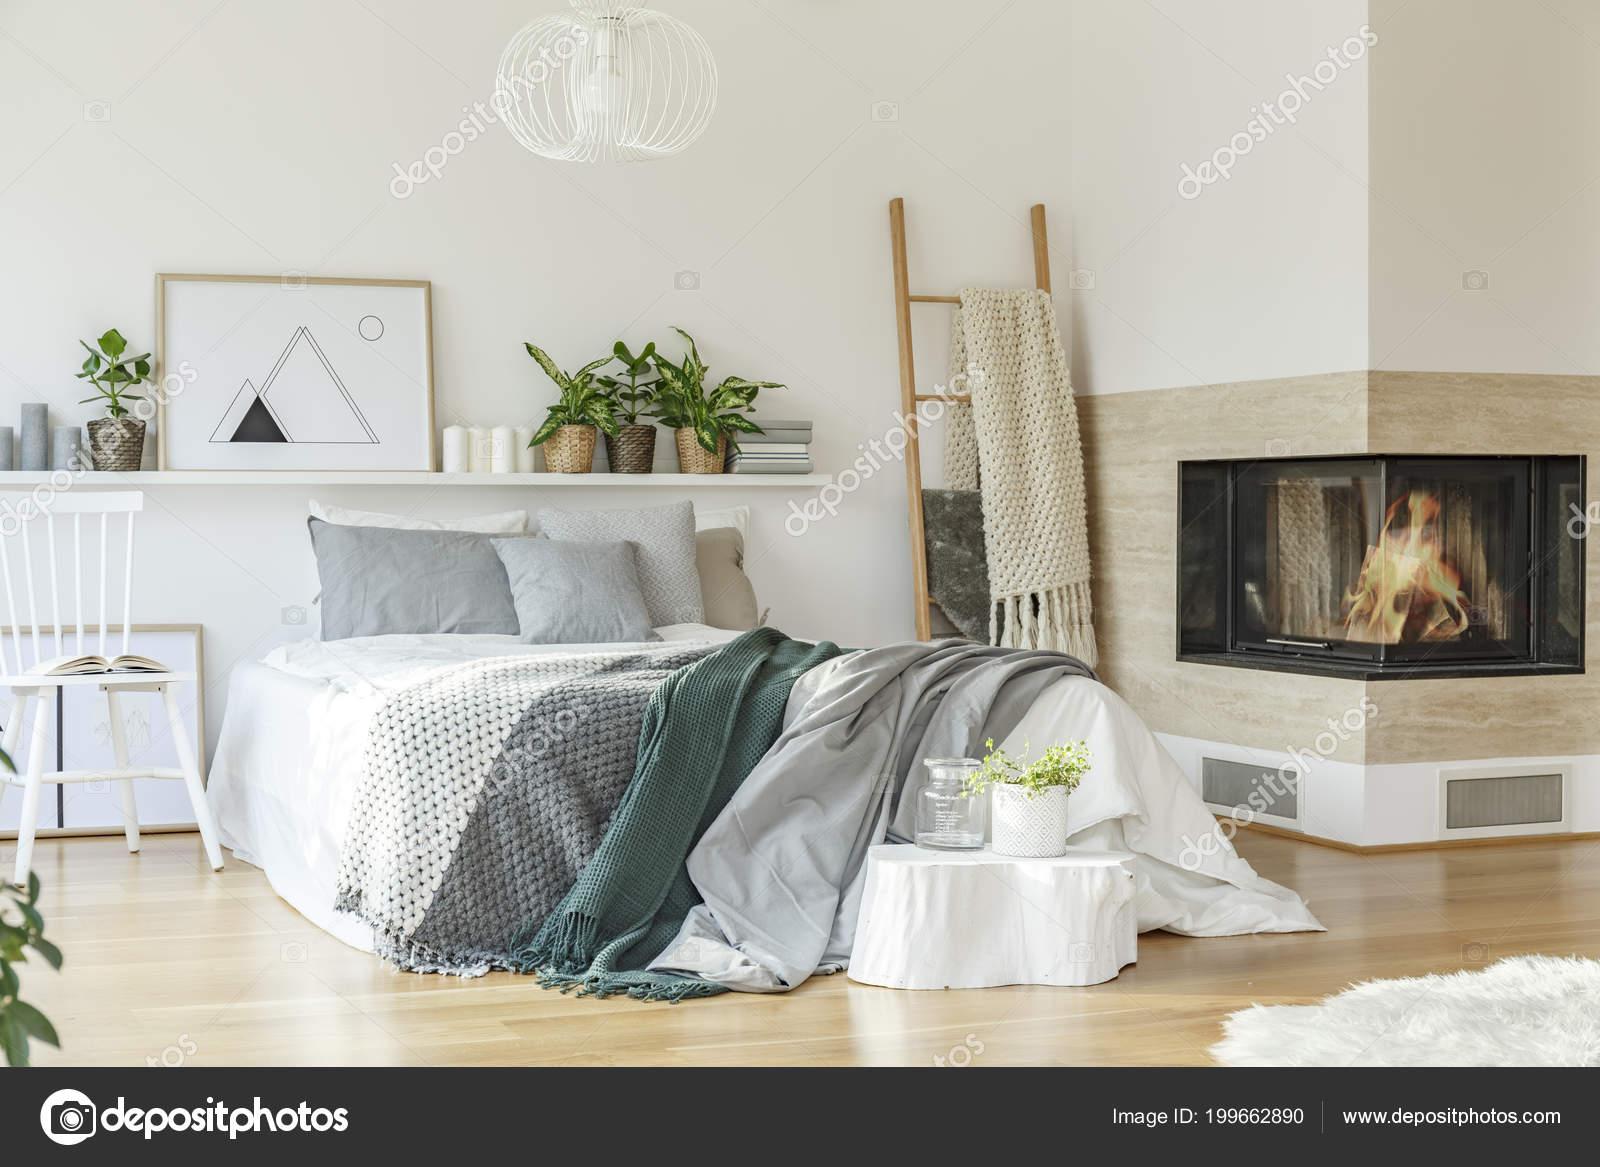 Kominek Drabiny Pobliżu łóżko Zielony Szary Prześcieradła